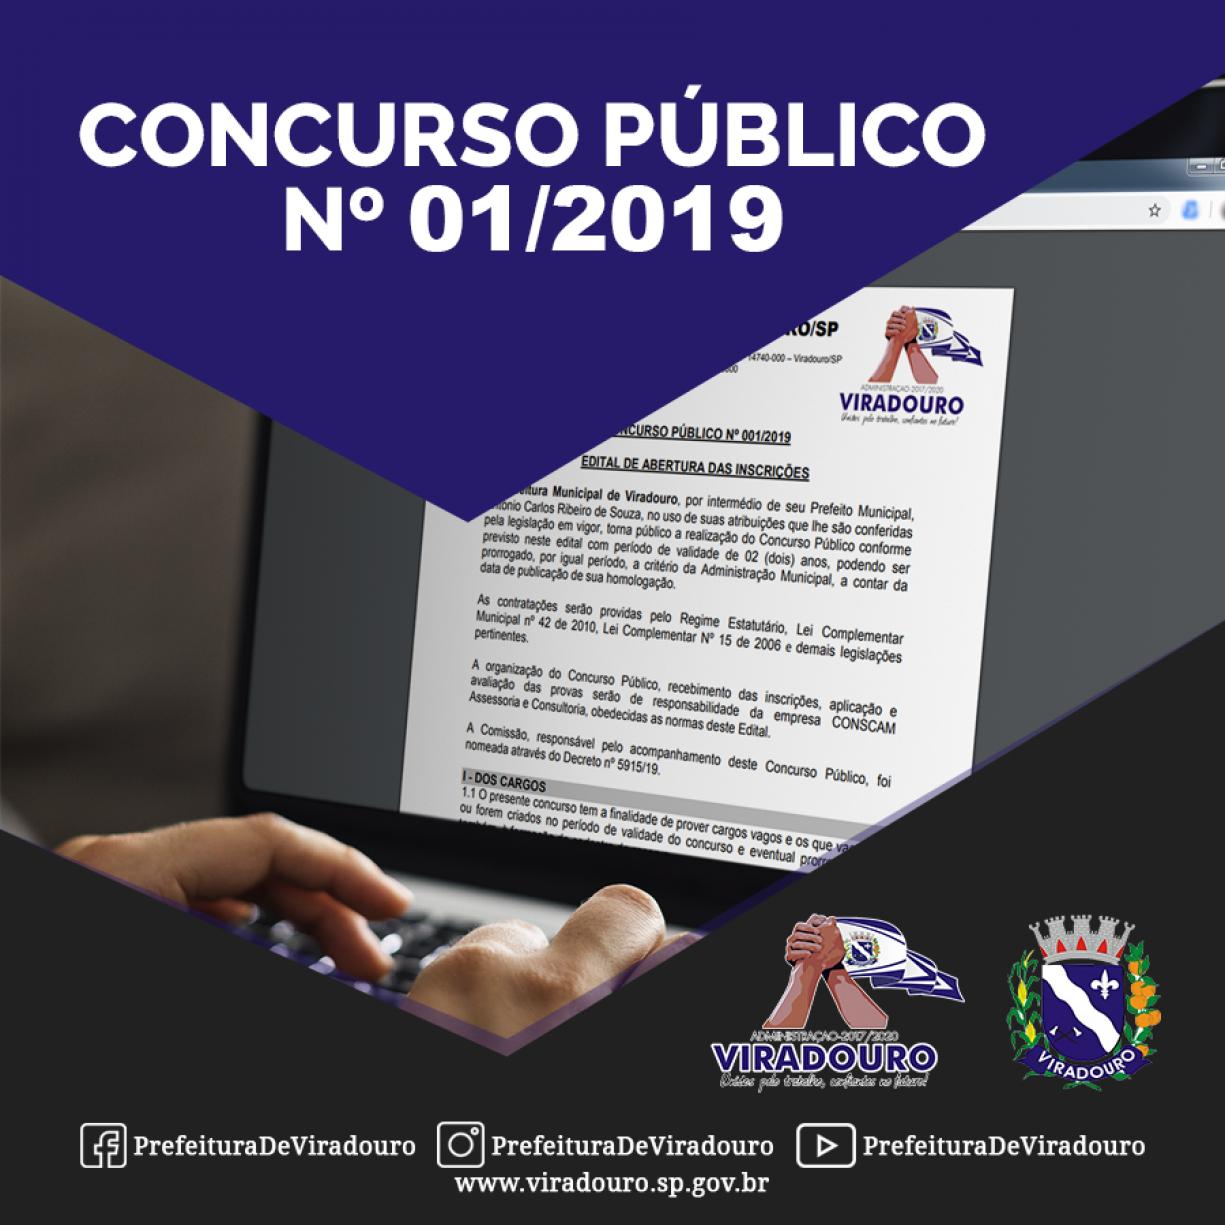 Concurso Público nº 01/2019